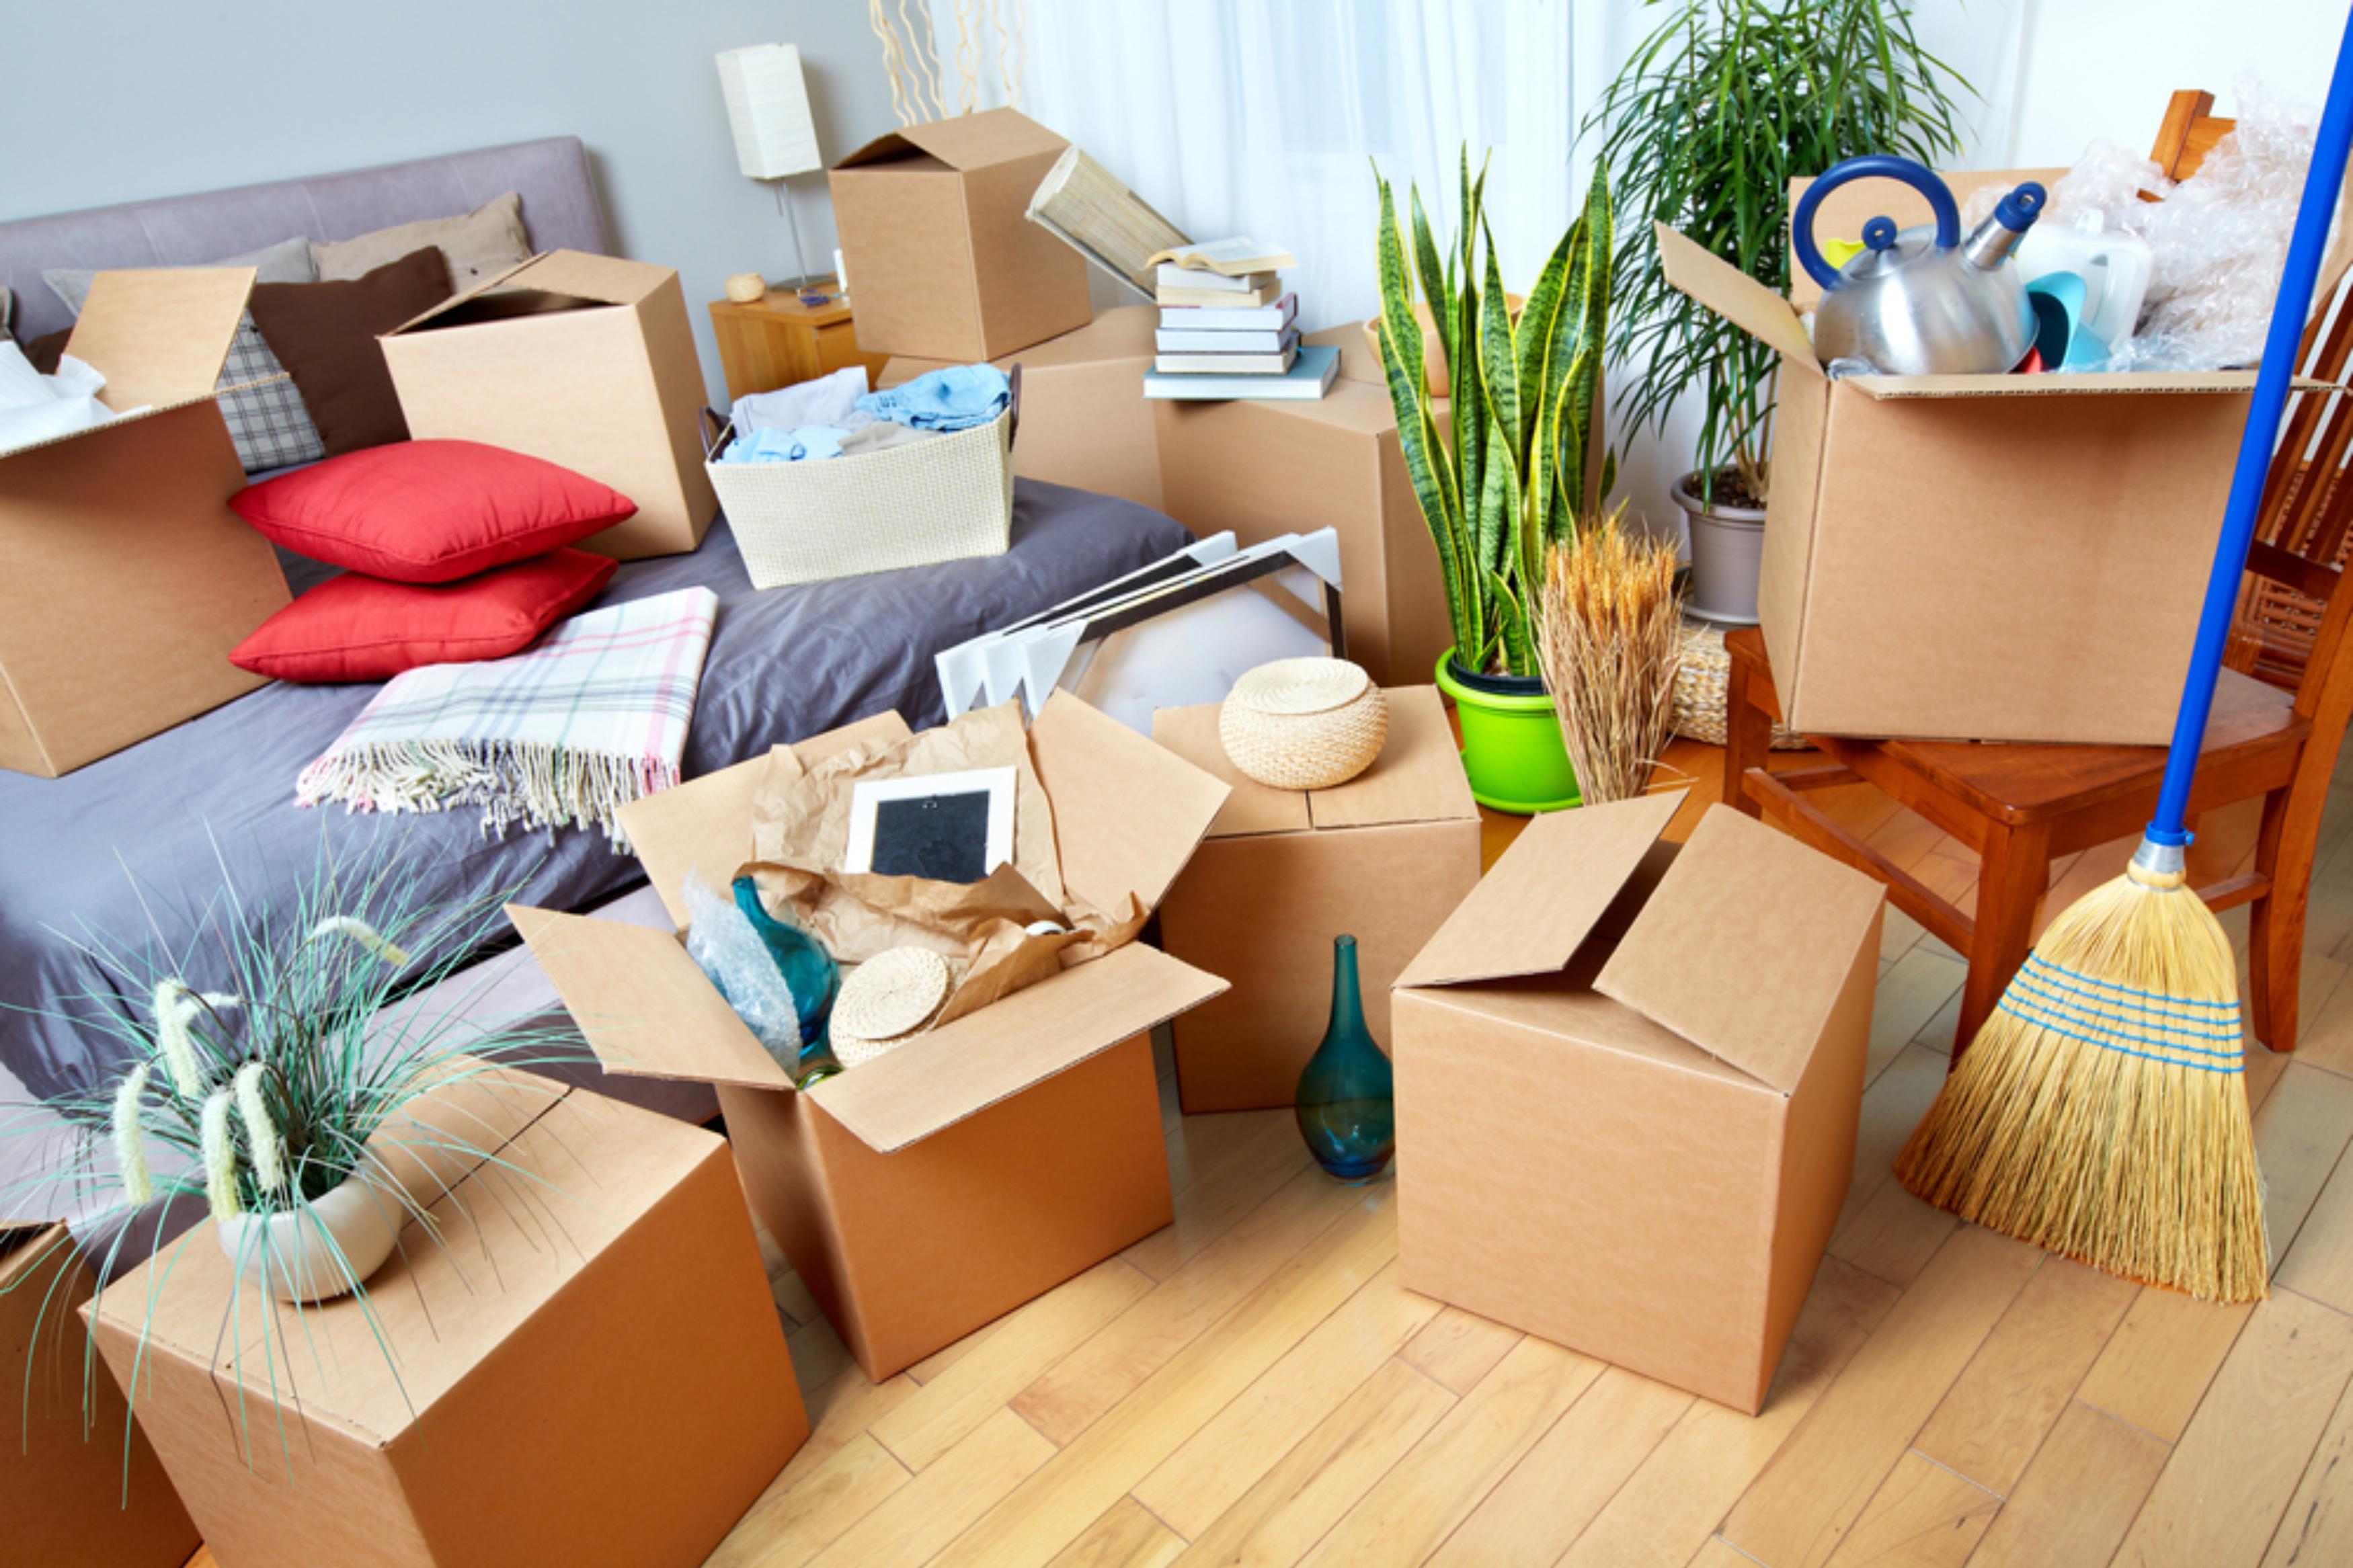 Einkaufsliste für die erste Wohnung - Ausziehen